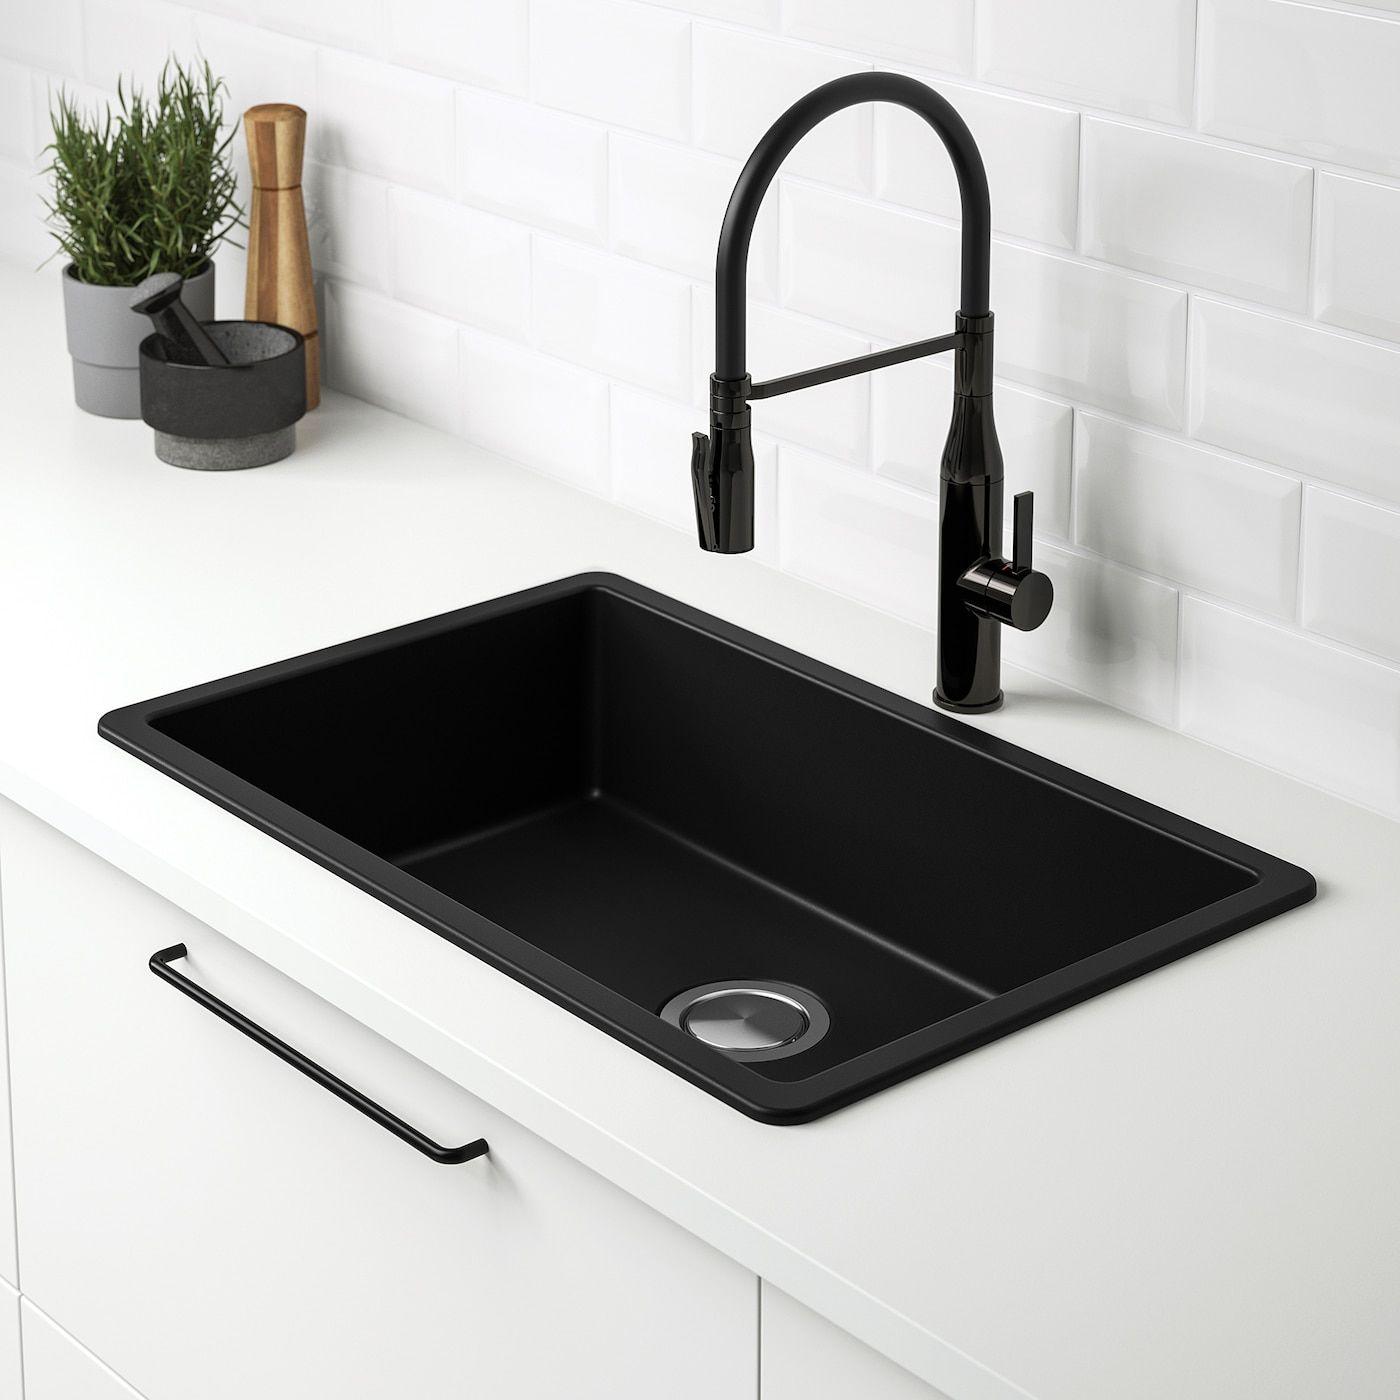 Reimagine Design Joviale Sink Jpg Rend Hgtvcom 1280 1920 Jpeg 1280 1920 Sinks Kitchen Stainless Farm Sink Kitchen Stainless Farmhouse Sink